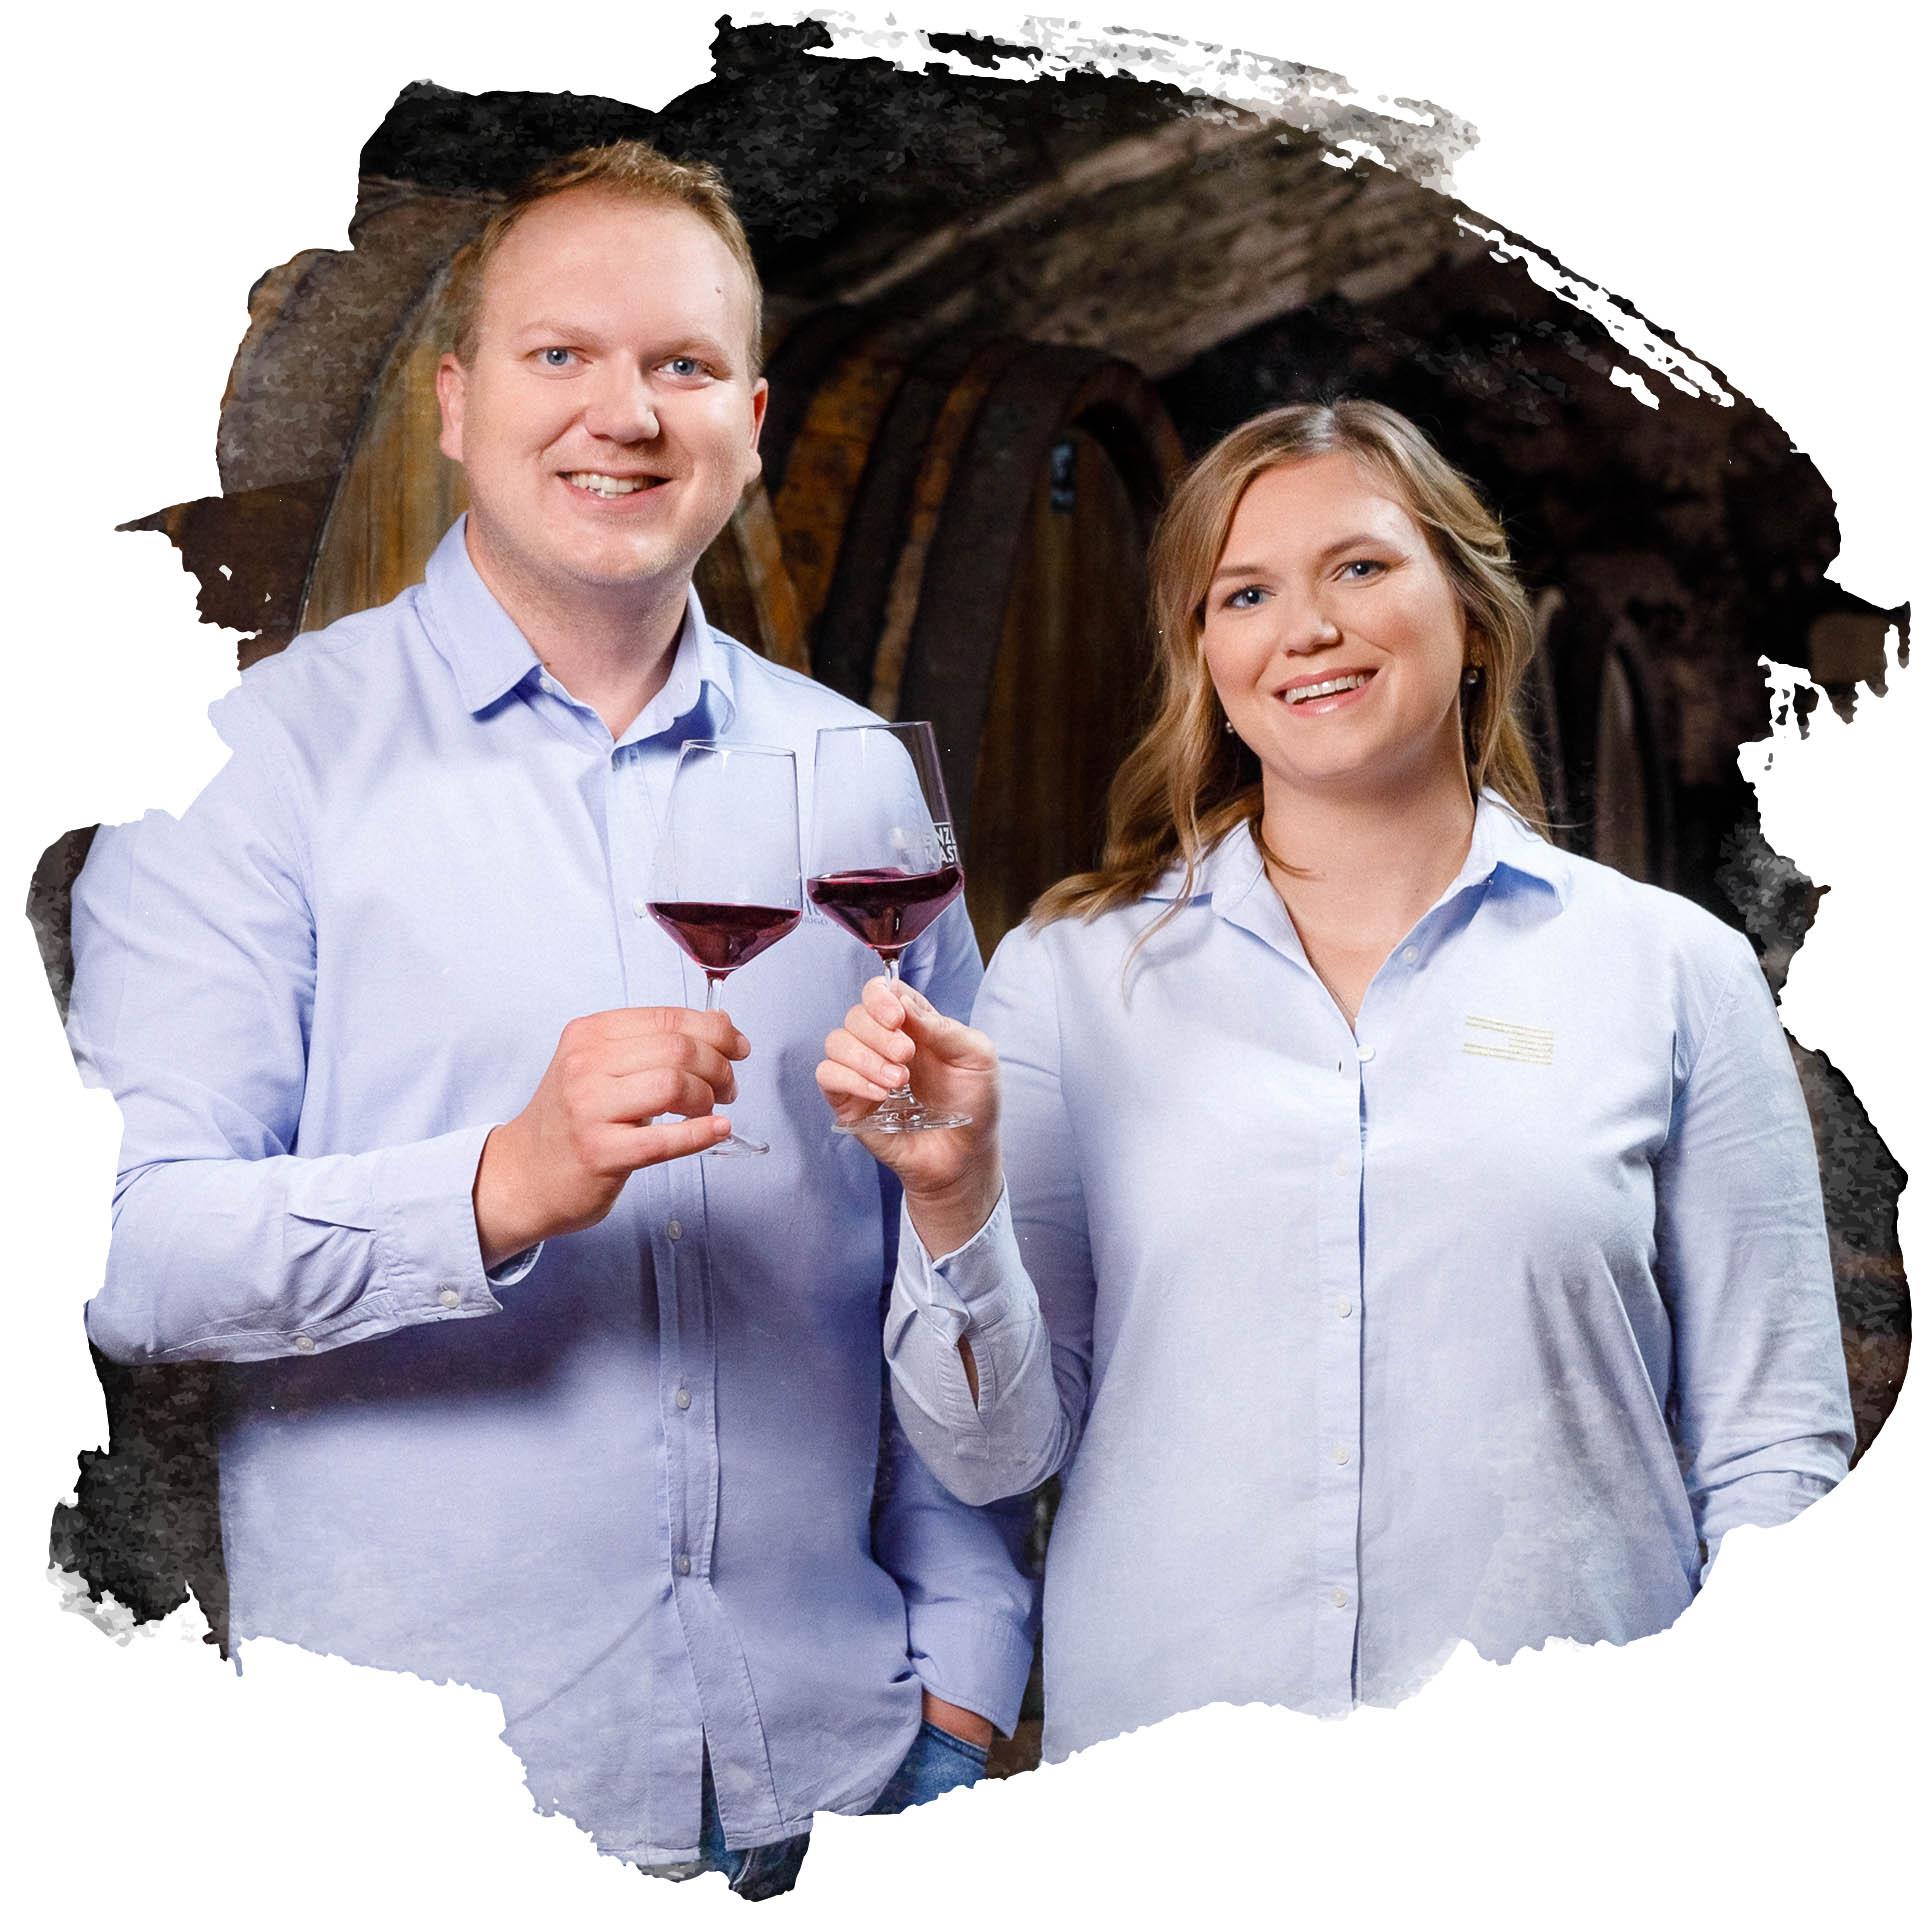 Weingut Wenzl-Kast Kerstin & Johannes Wenzl